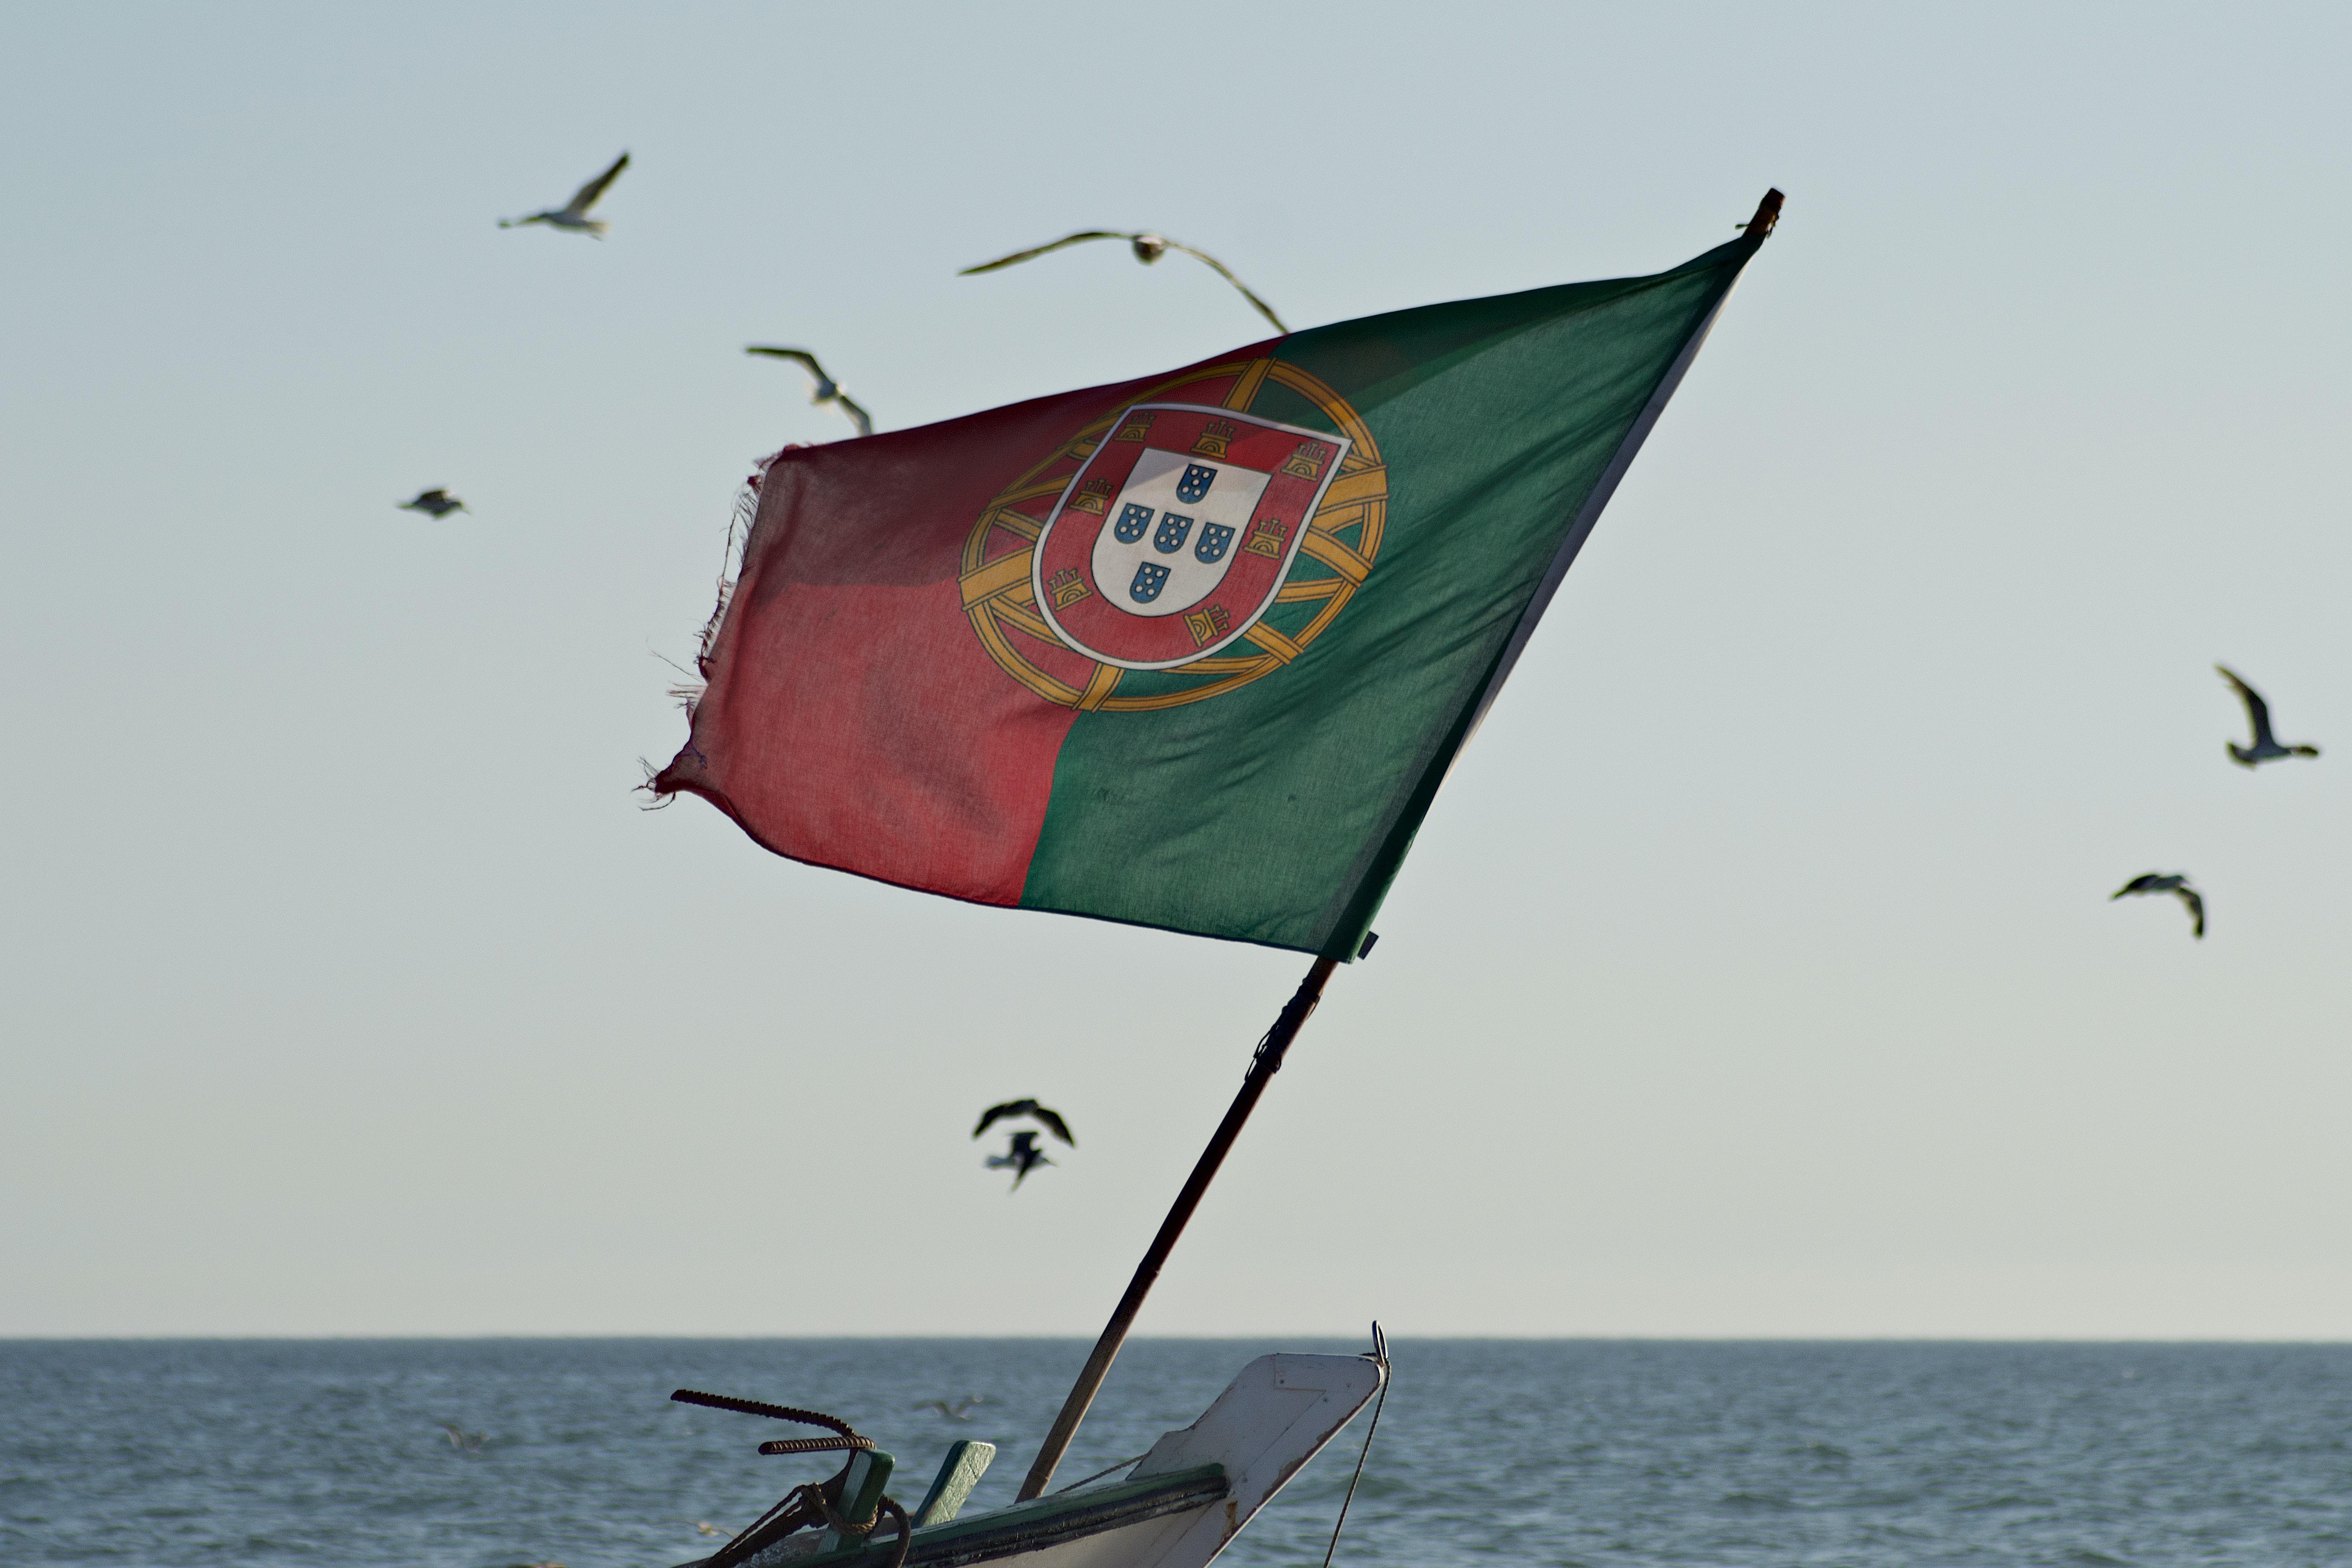 A Portugal flag